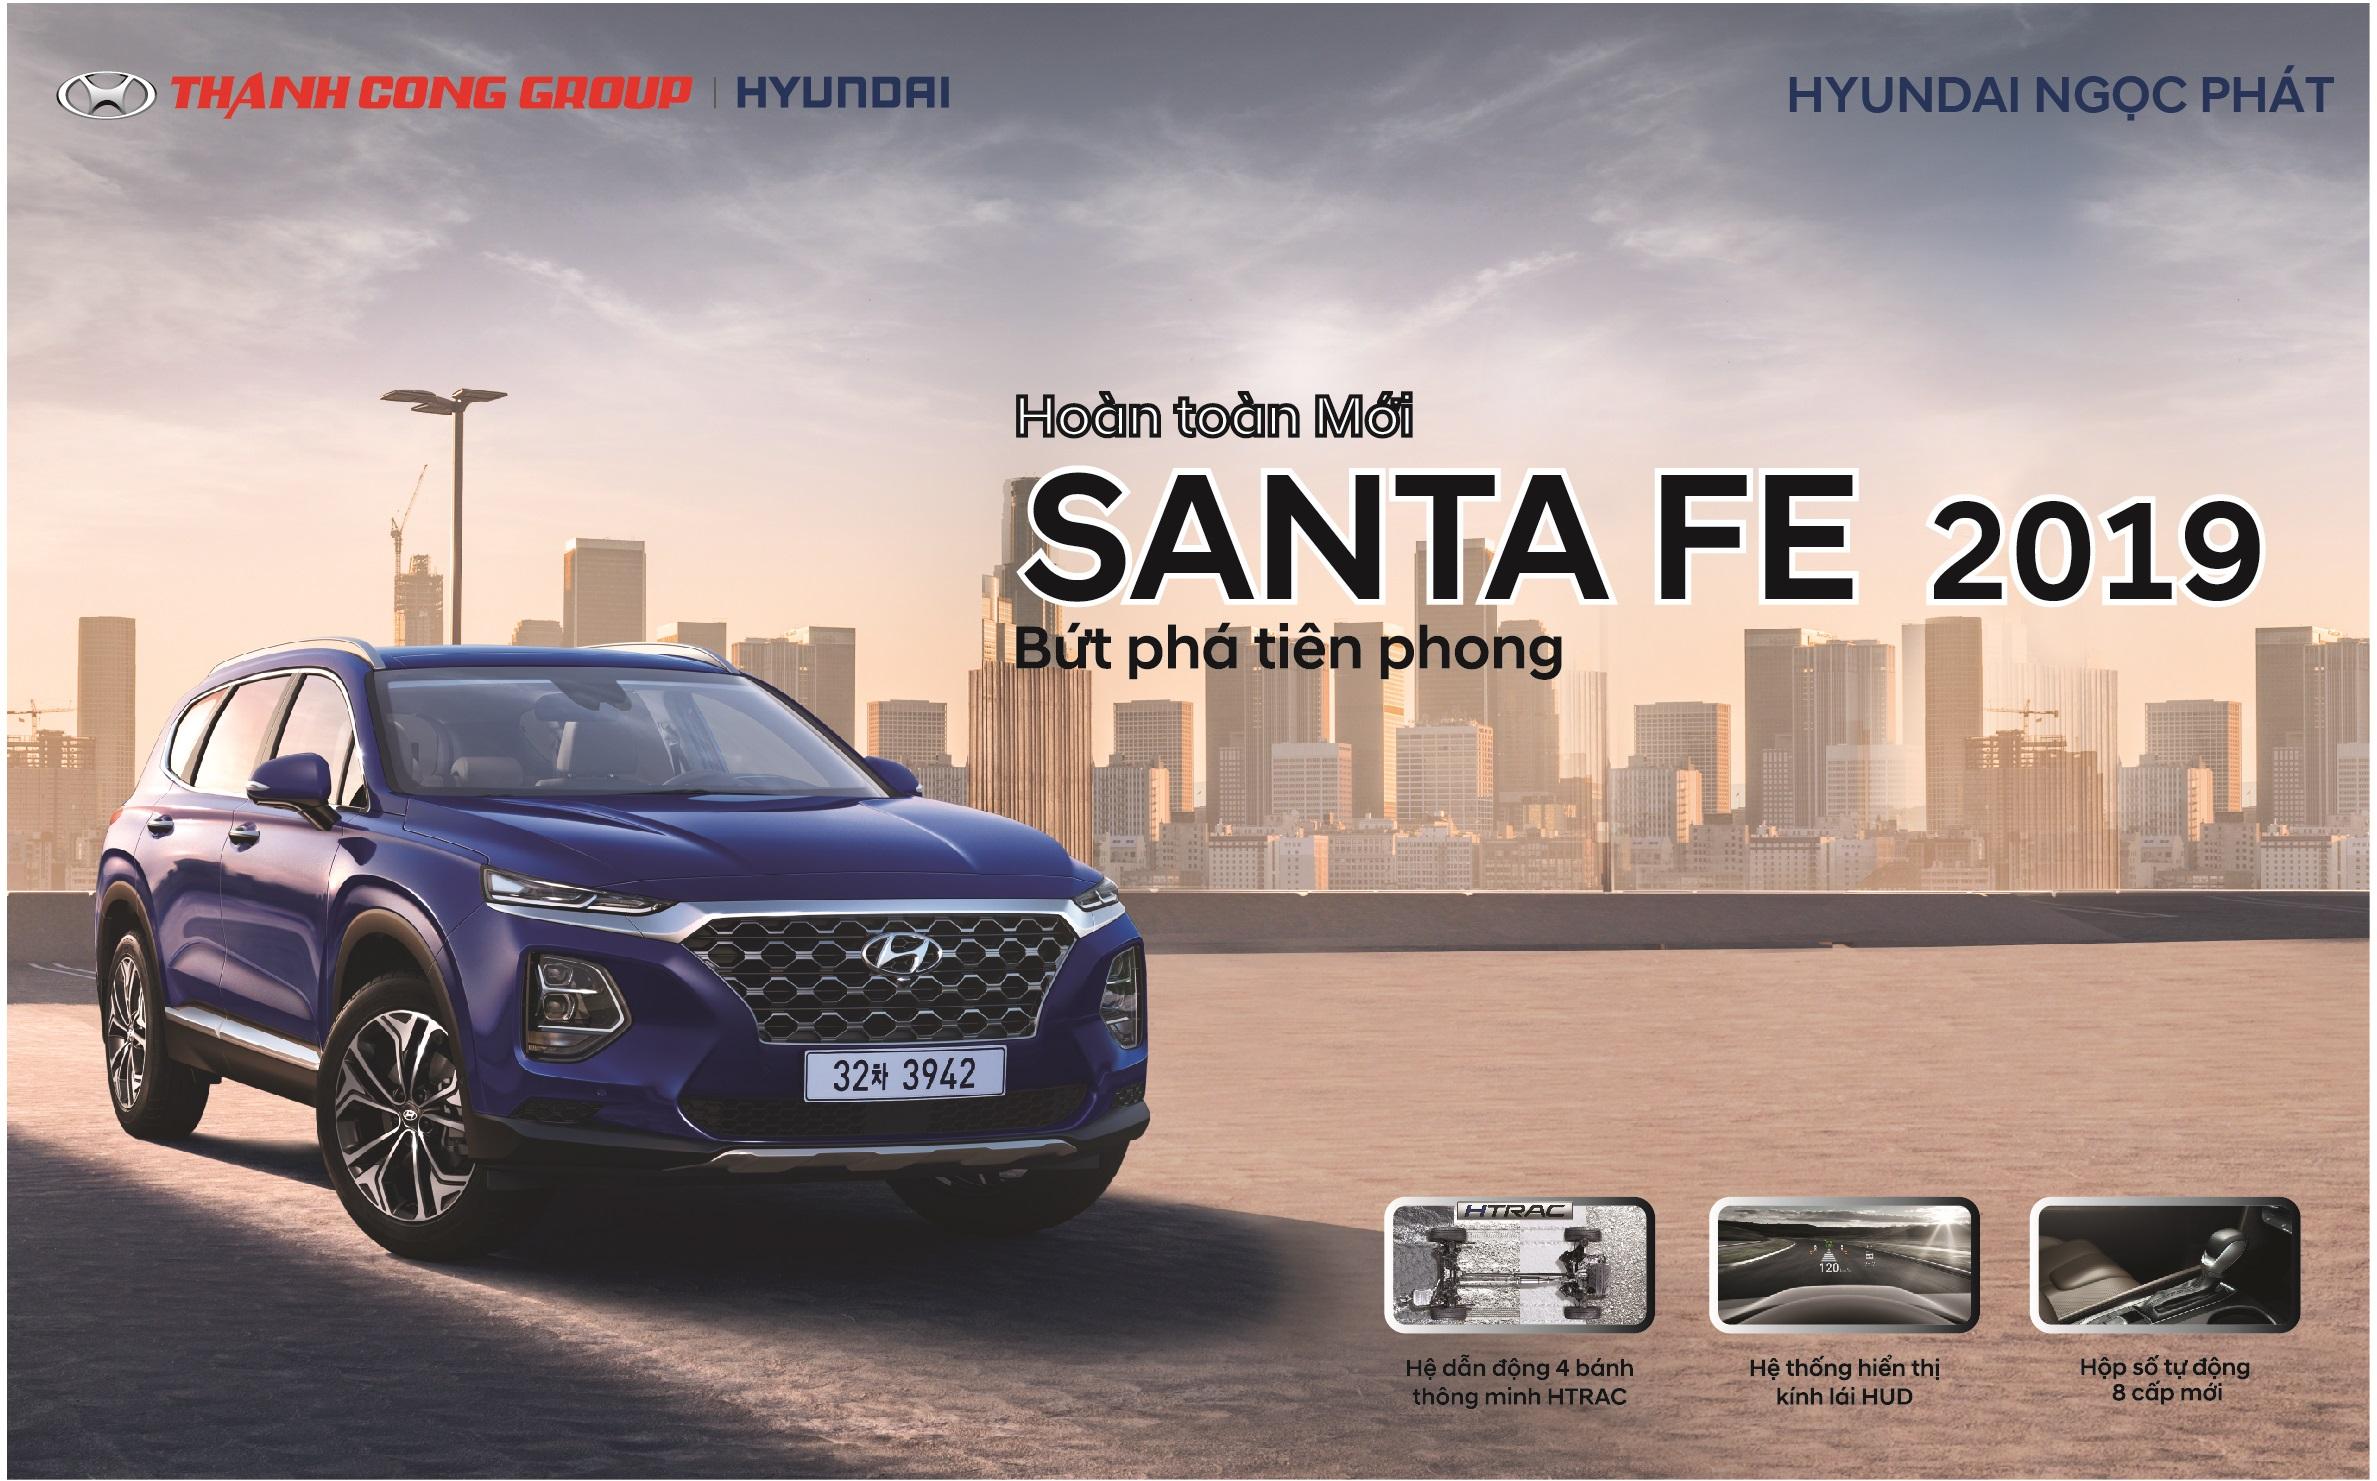 Chuỗi sự kiện trưng bày xe Hyundai Santafe 2019 hoàn toàn mới